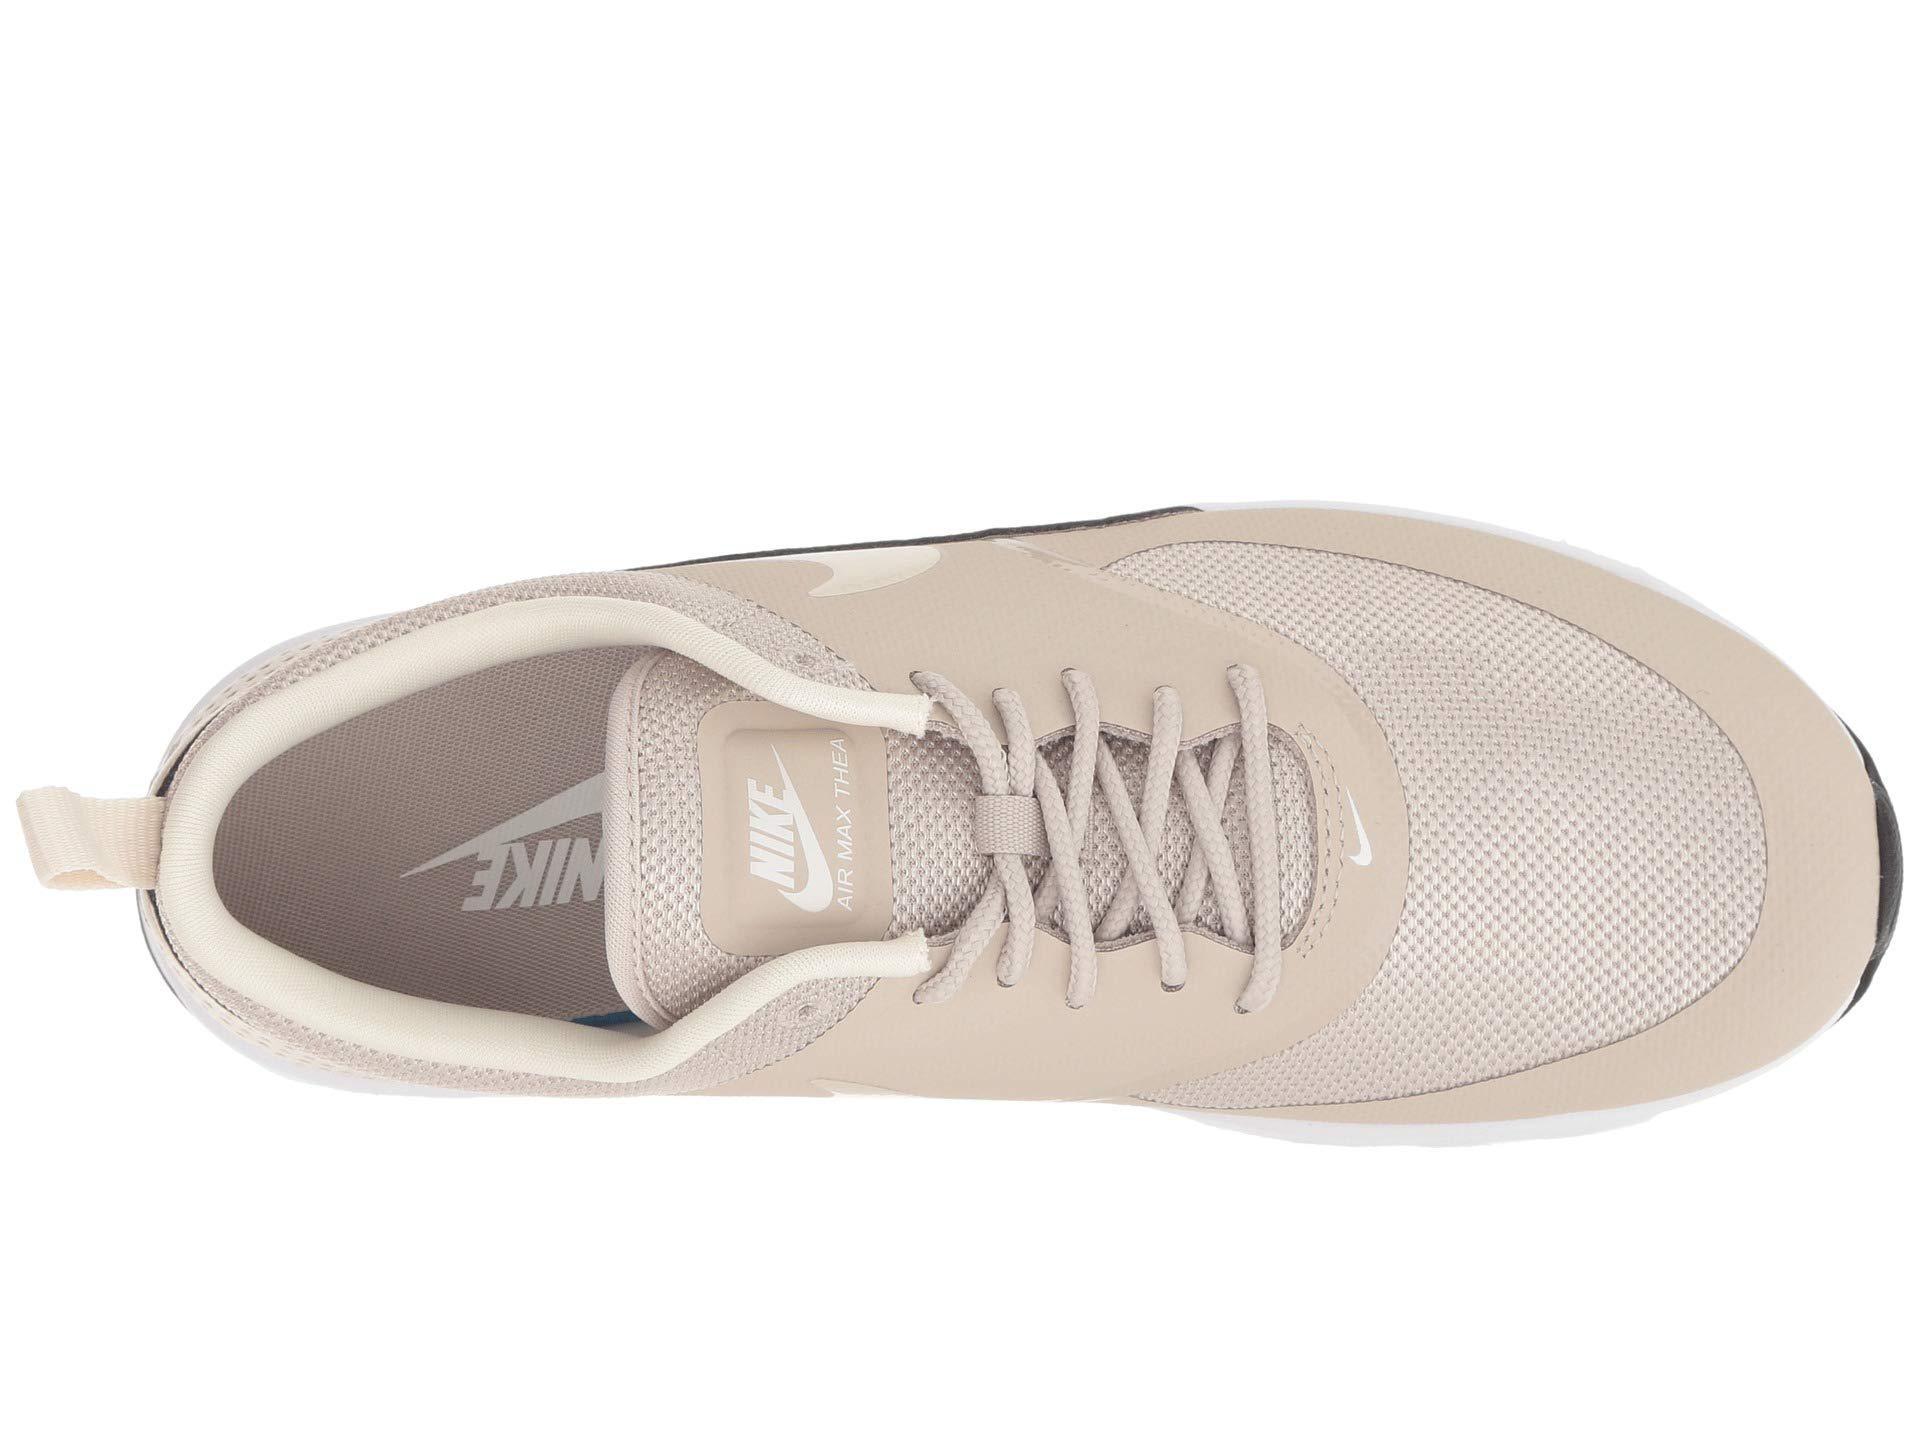 d9f6ffe3d270 Lyst - Nike Air Max Thea (string light Cream black white) Women s ...